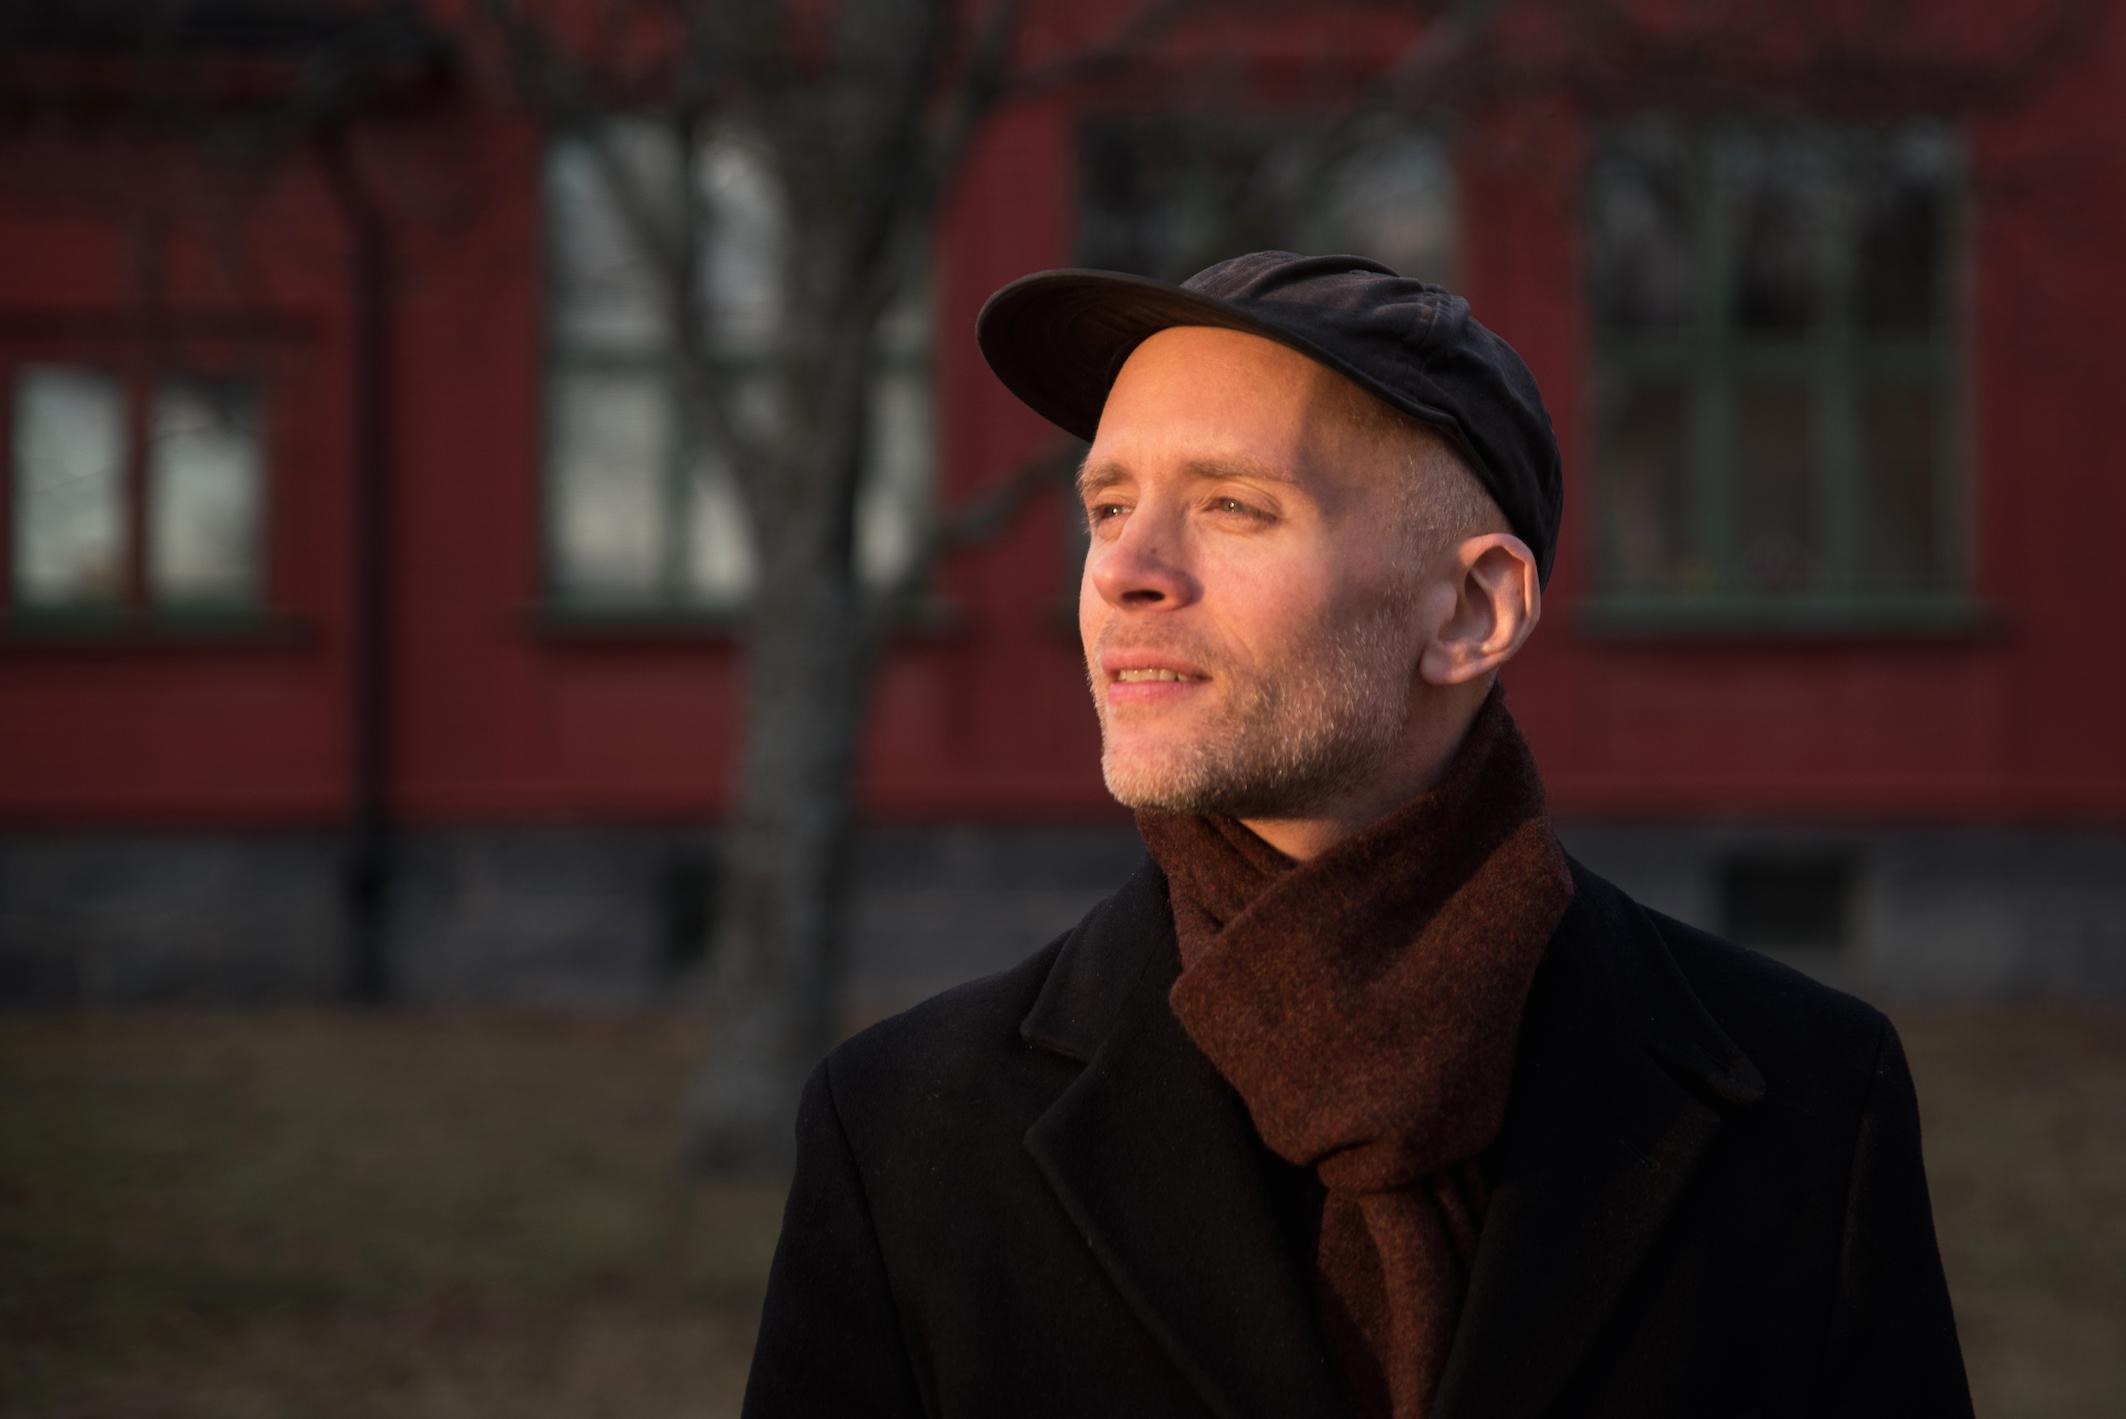 Foto: Anna Rosén